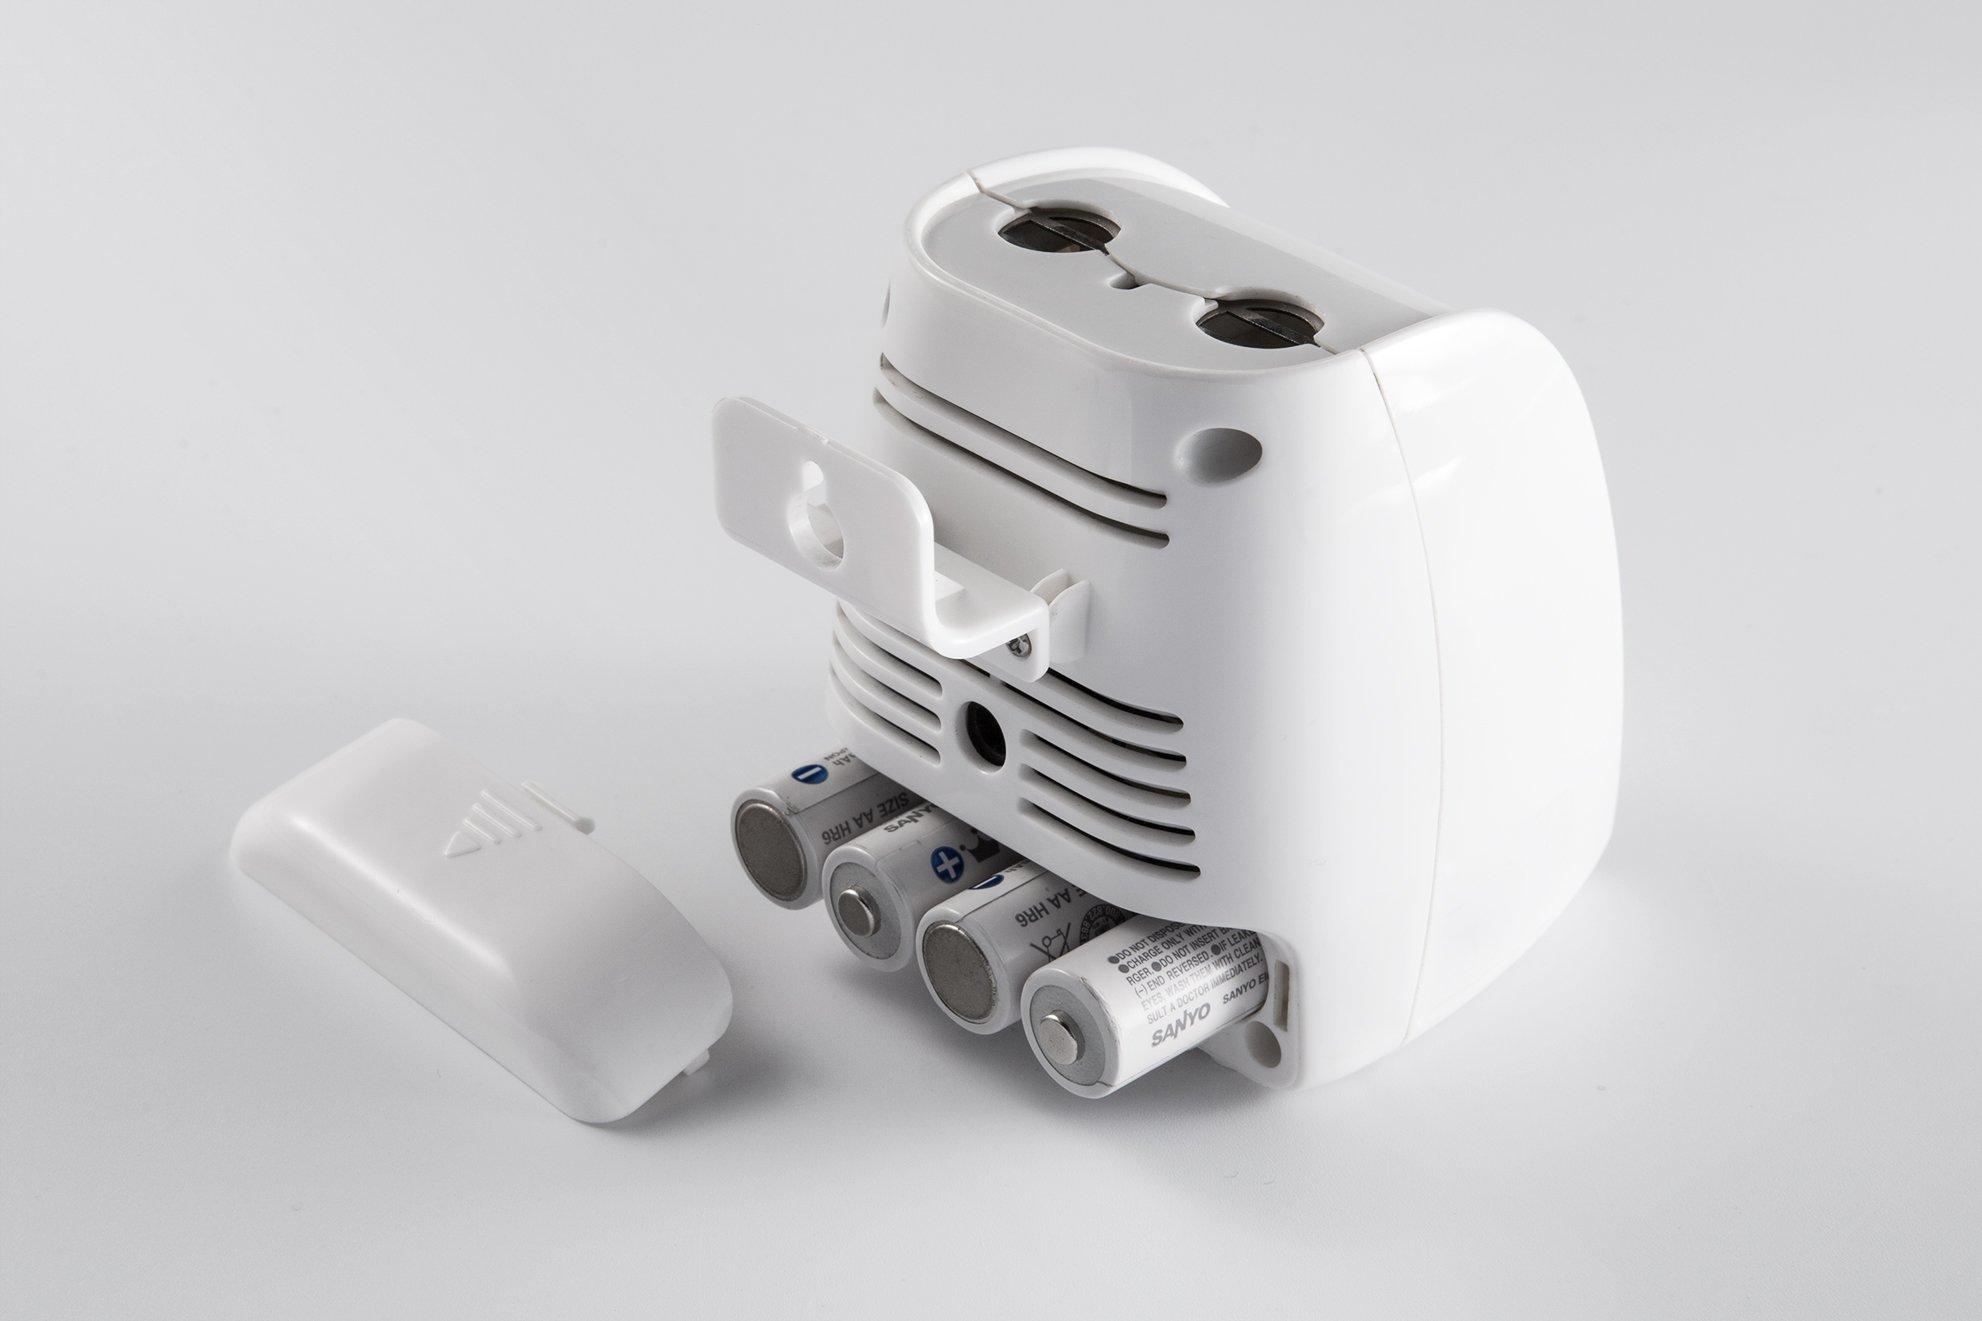 Stoga iones negativos purificador de aire iónico filtro de aire ...